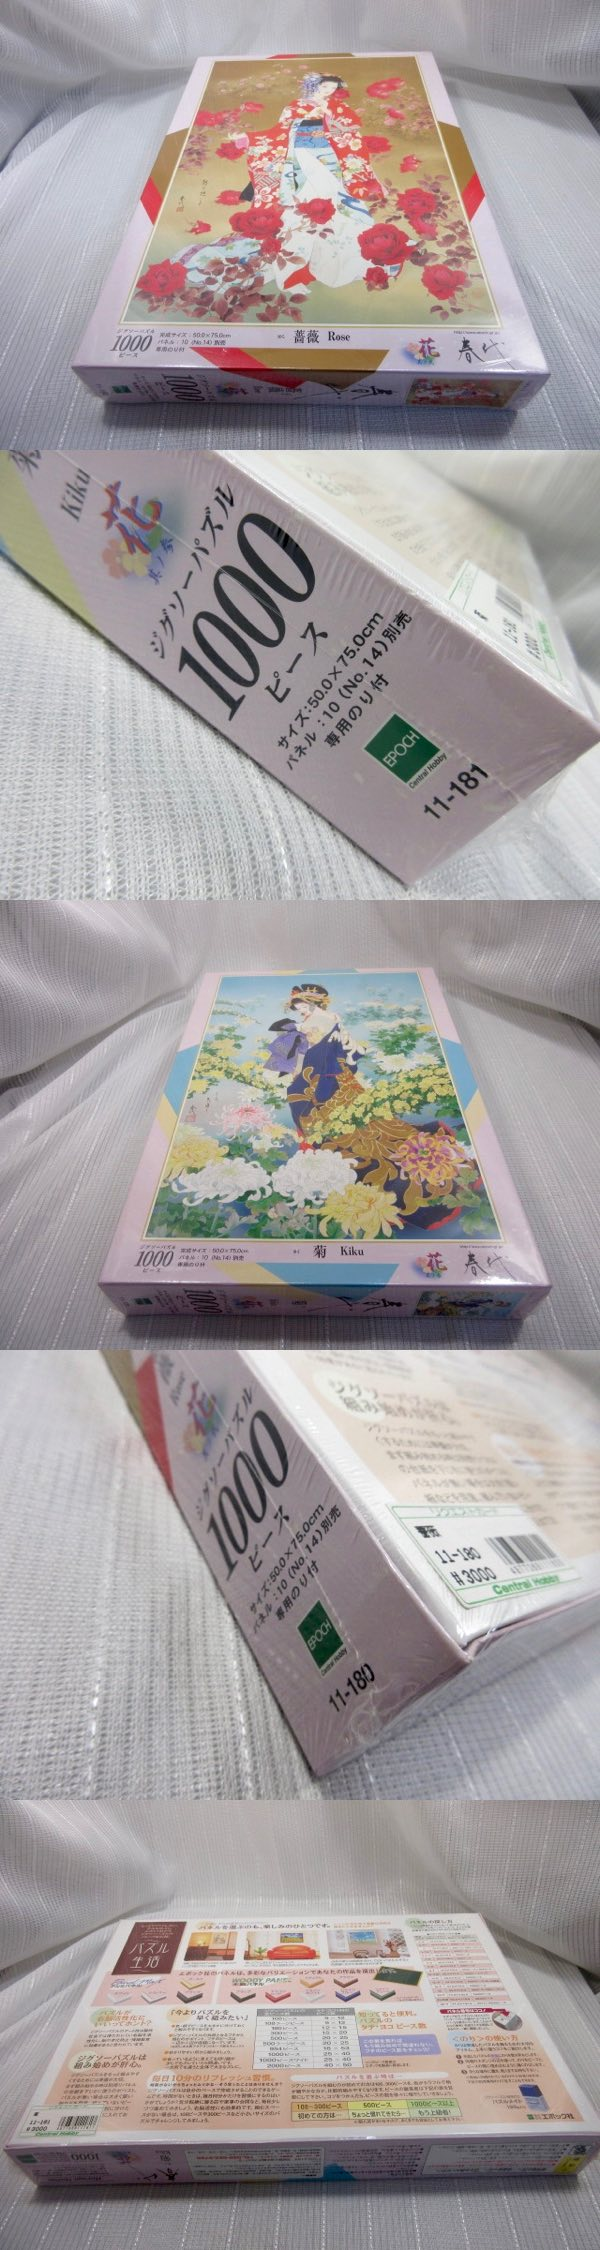 【未開封】ジクソーパズル4個セット/春代(薔薇・菊)/旧グラバー邸/シュガー